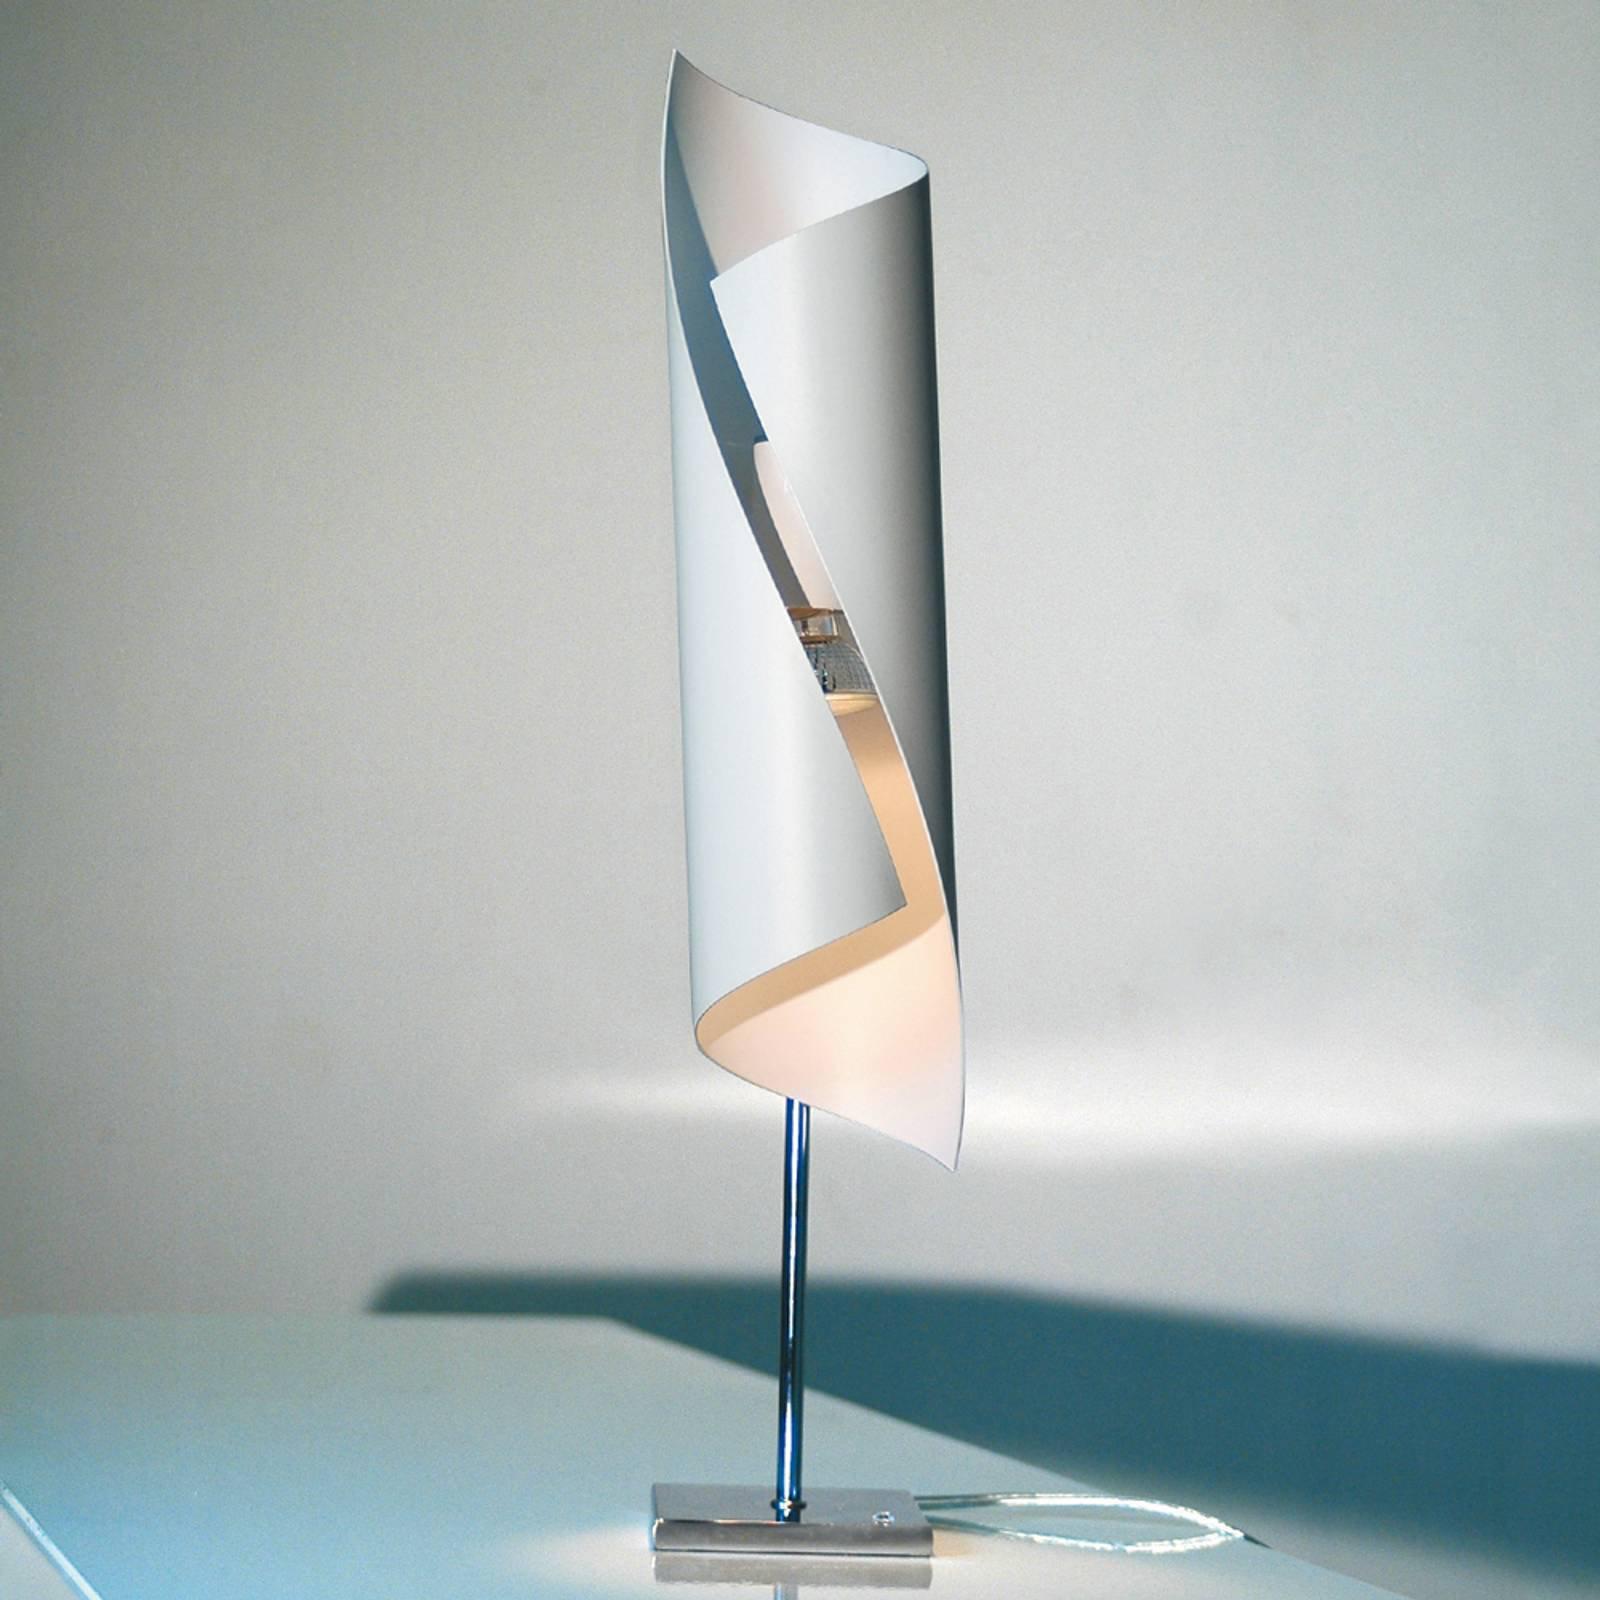 Knikerboker Hué - designer-bordlampe, 50 cm høy